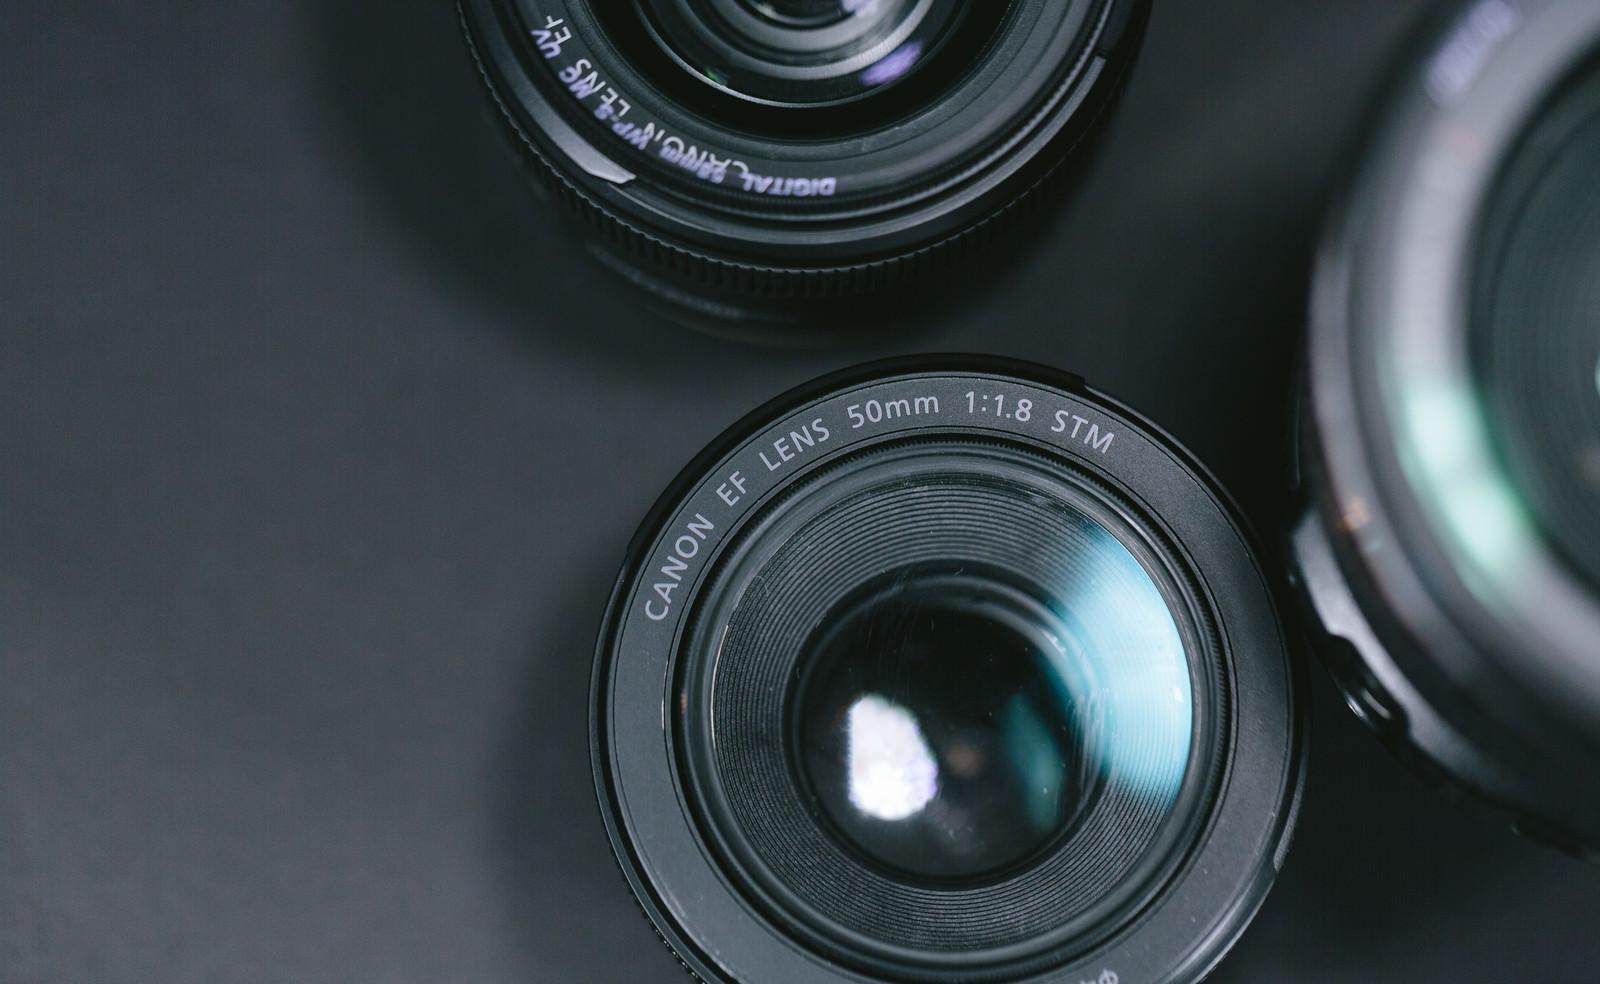 「台に置かれた各種レンズ台に置かれた各種レンズ」のフリー写真素材を拡大